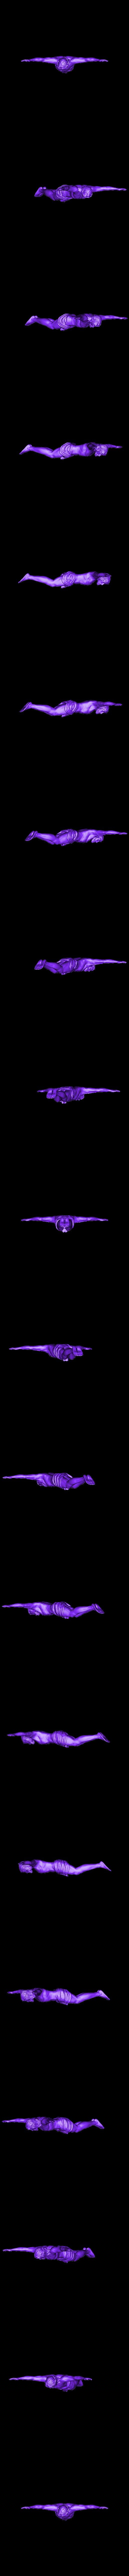 jesus pendant jewelry cross pray christian.stl Télécharger fichier STL gratuit Pendentif Jésus bijou croix prier chrétien modèle d'impression 3D • Objet imprimable en 3D, Cadagency